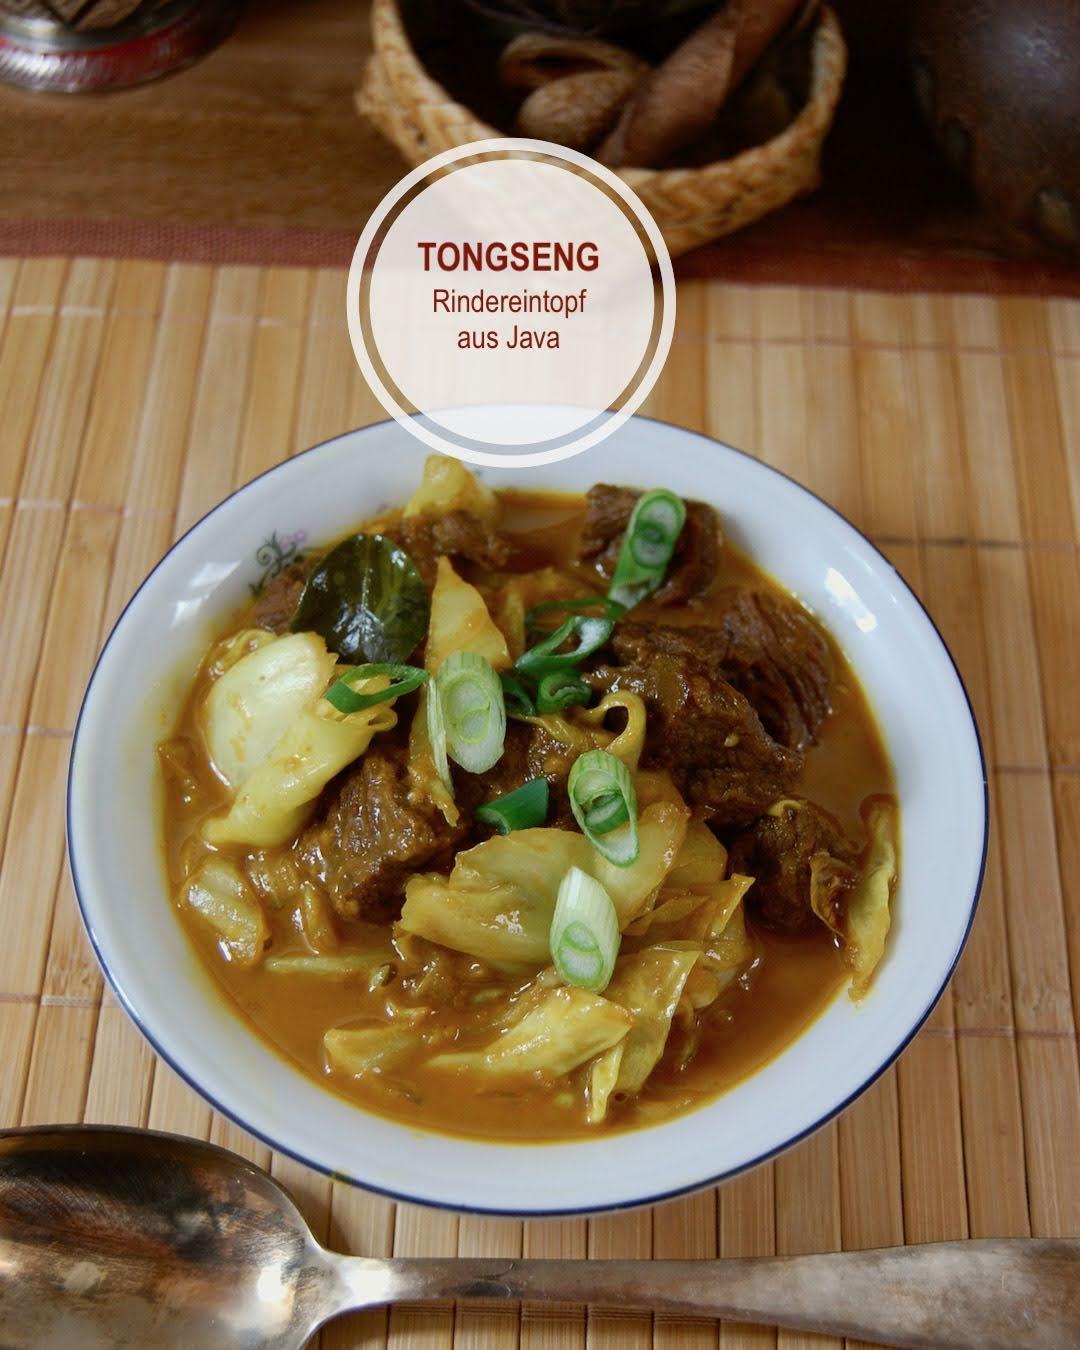 Tongseng, Würziger Rindereintopf aus Java